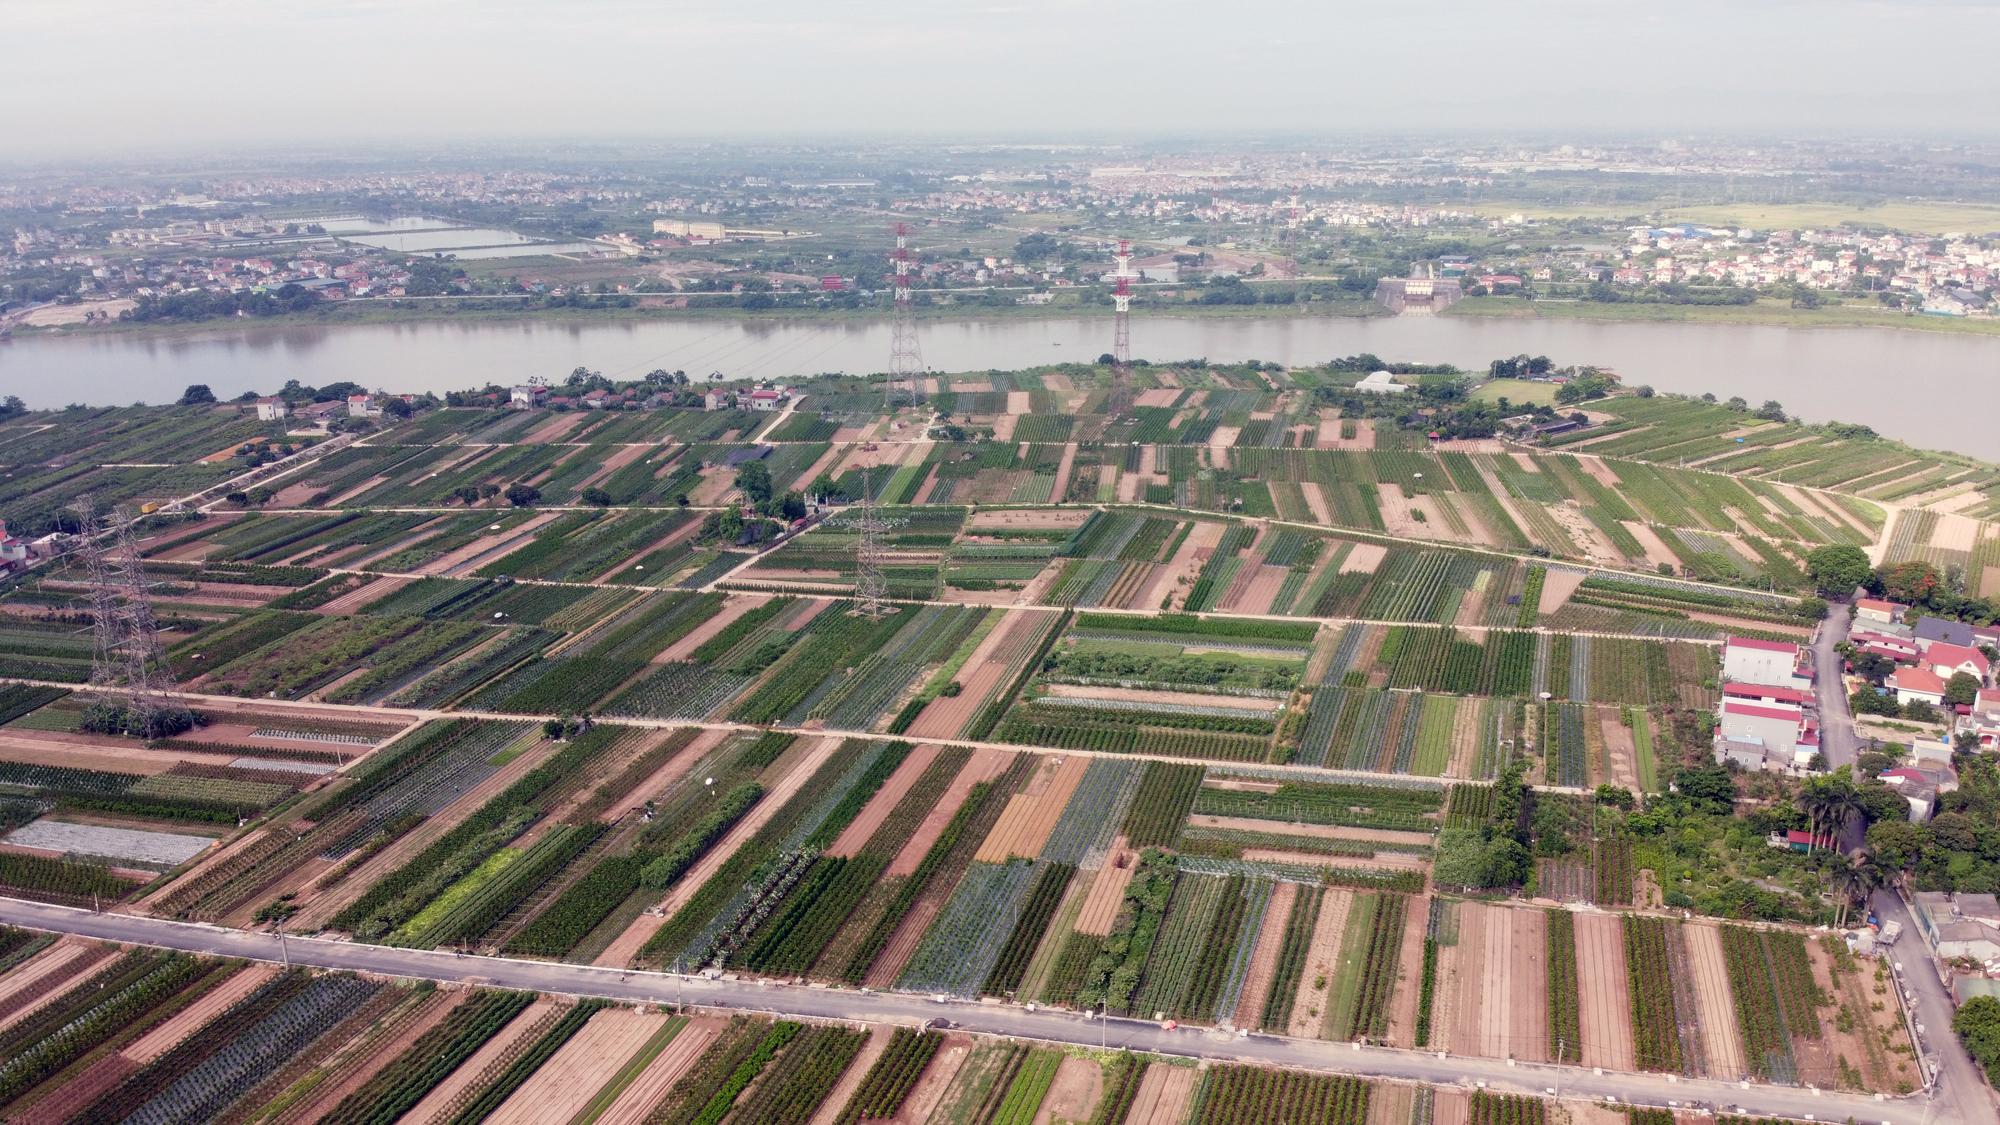 Cầu sẽ mở theo qui hoạch ở Hà Nội: Toàn cảnh vị trí làm cầu Mễ Sở nối Văn Giang - Thường Tín - Ảnh 7.